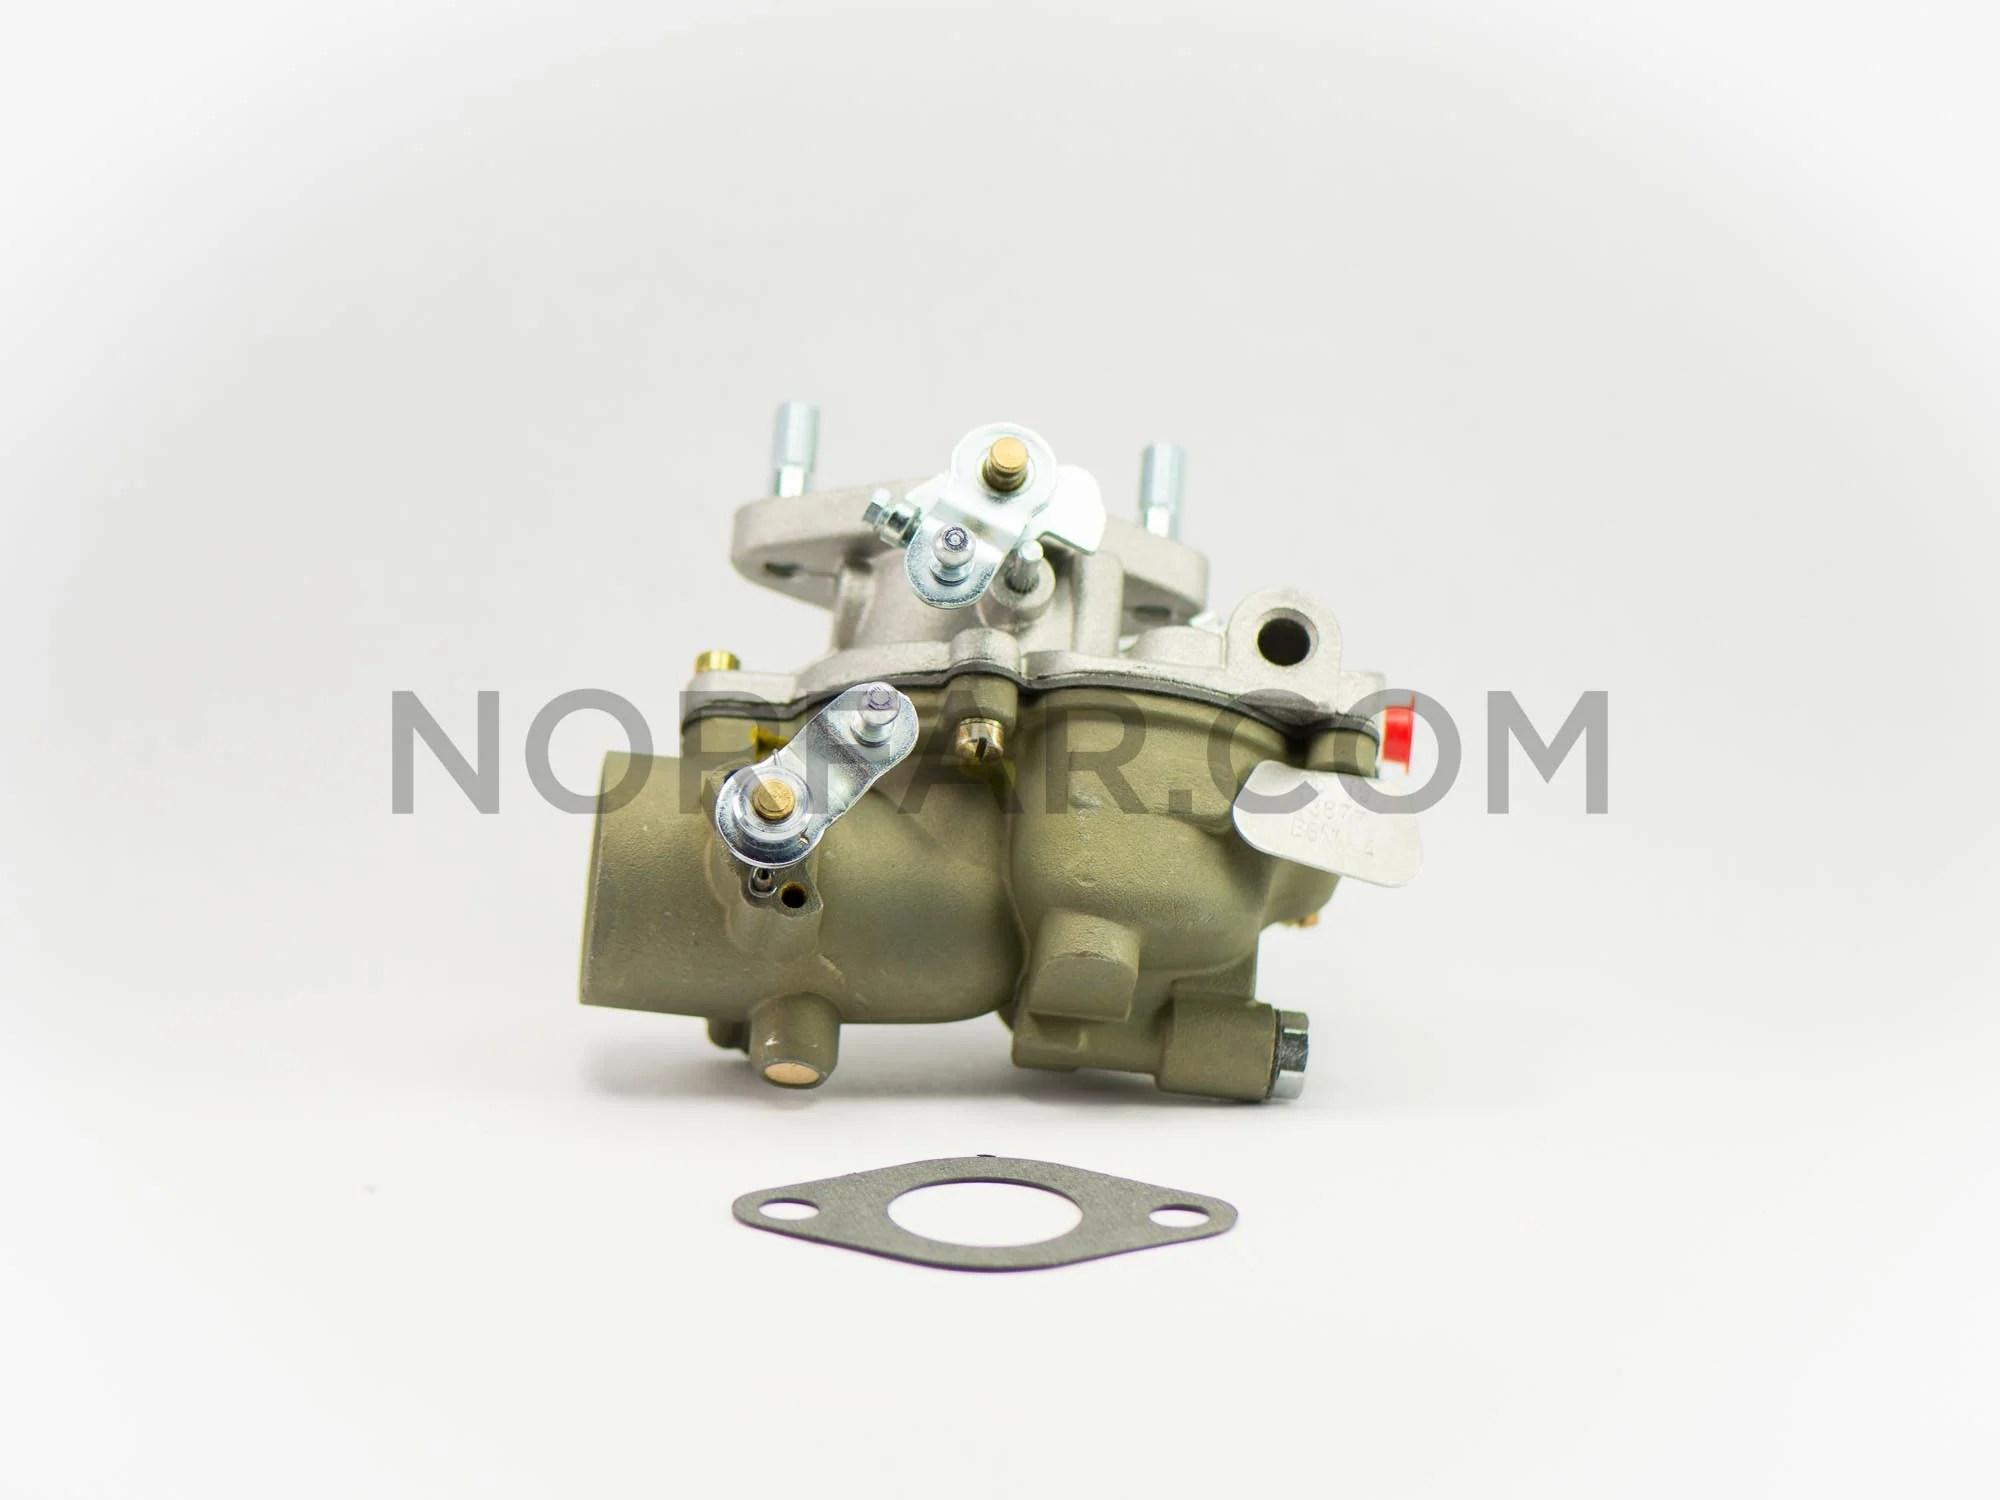 medium resolution of zenith 13877 carburetor ford b6nn9510 a norfar com farmall super h carburetor diagram zenith 13877 carburetor